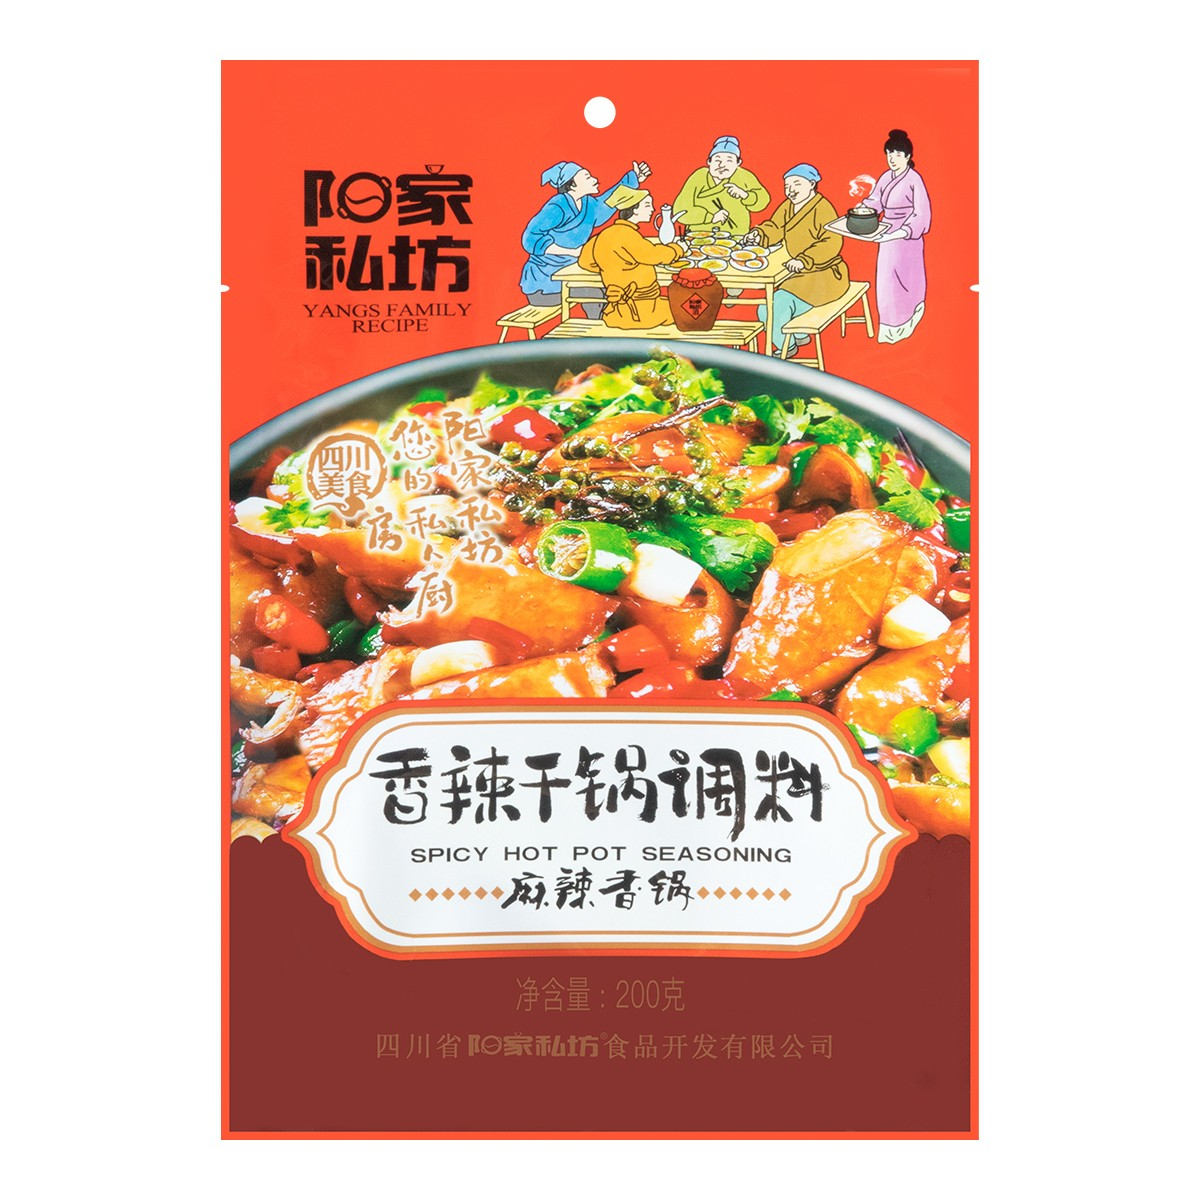 阳家私坊 香辣干锅调料 200g